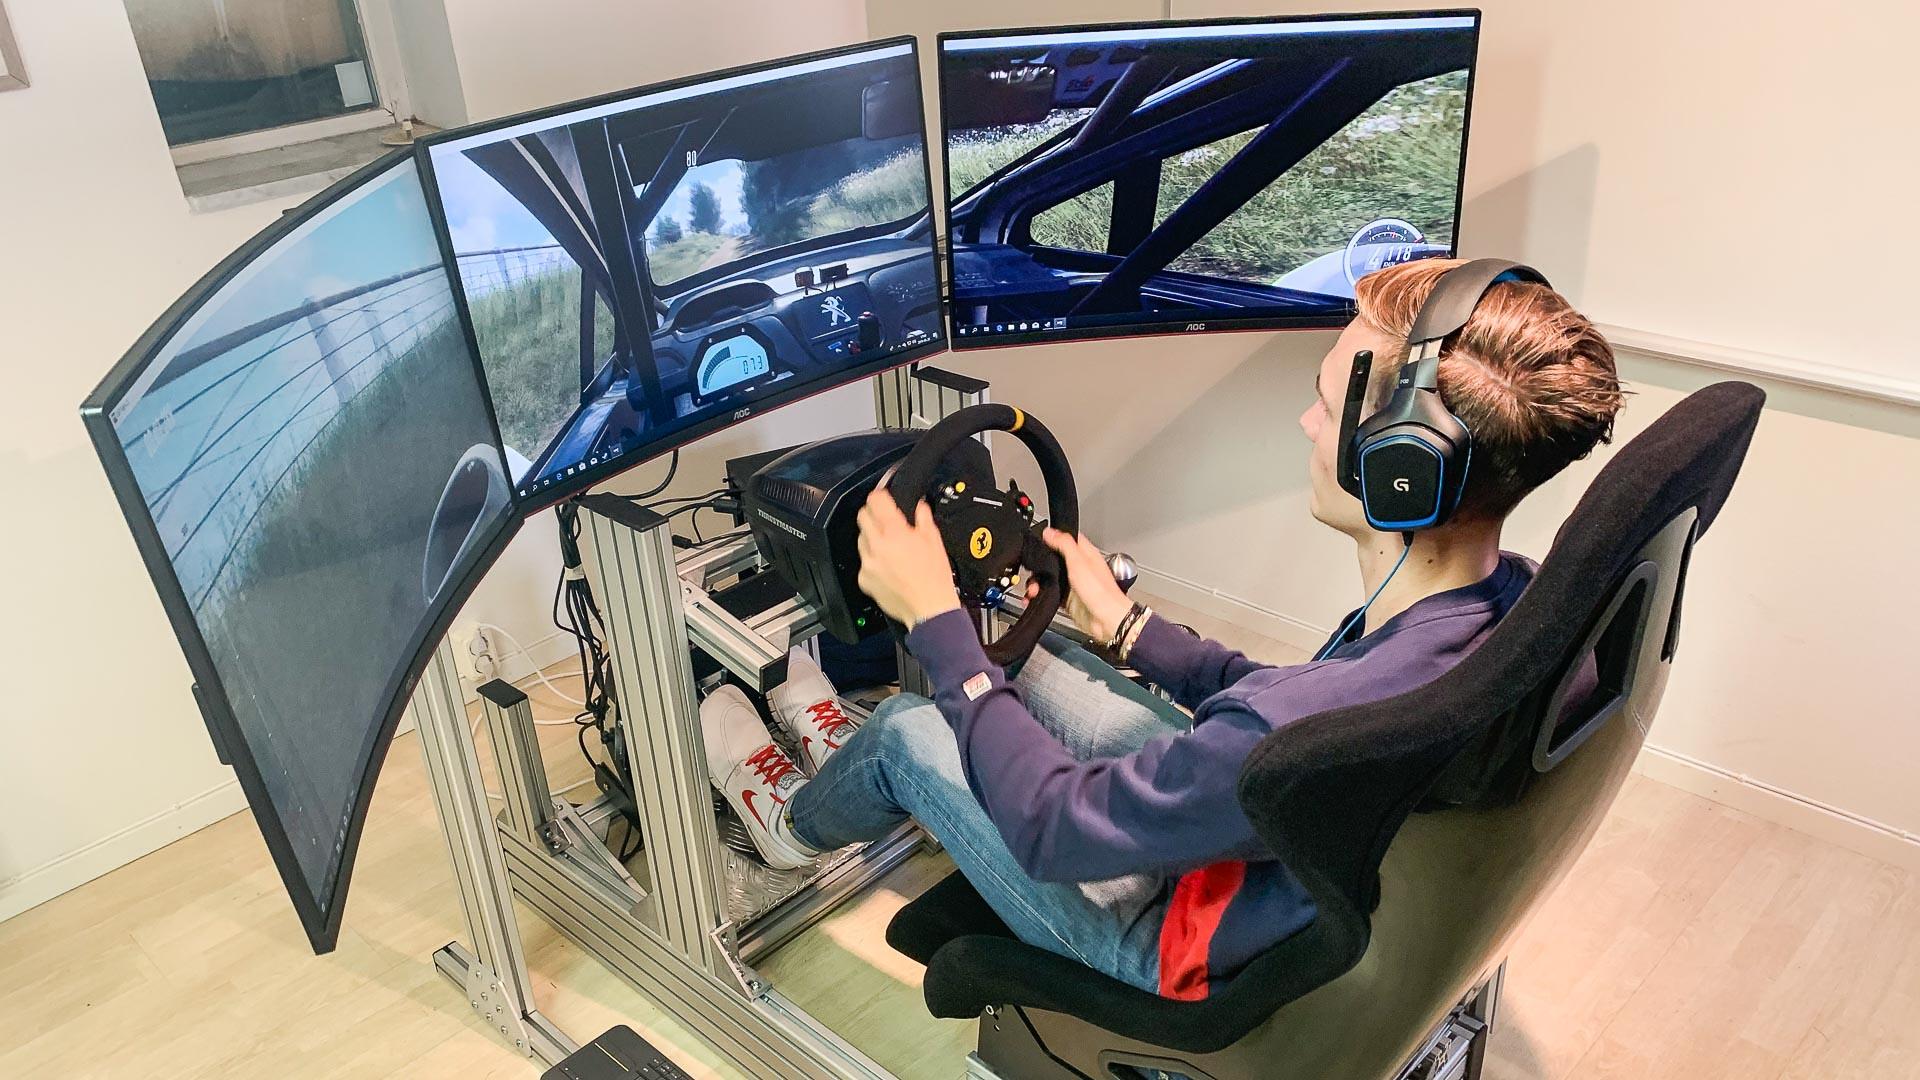 lukas hägg tränar med rallysimulator hos trelleborgs motorklubb